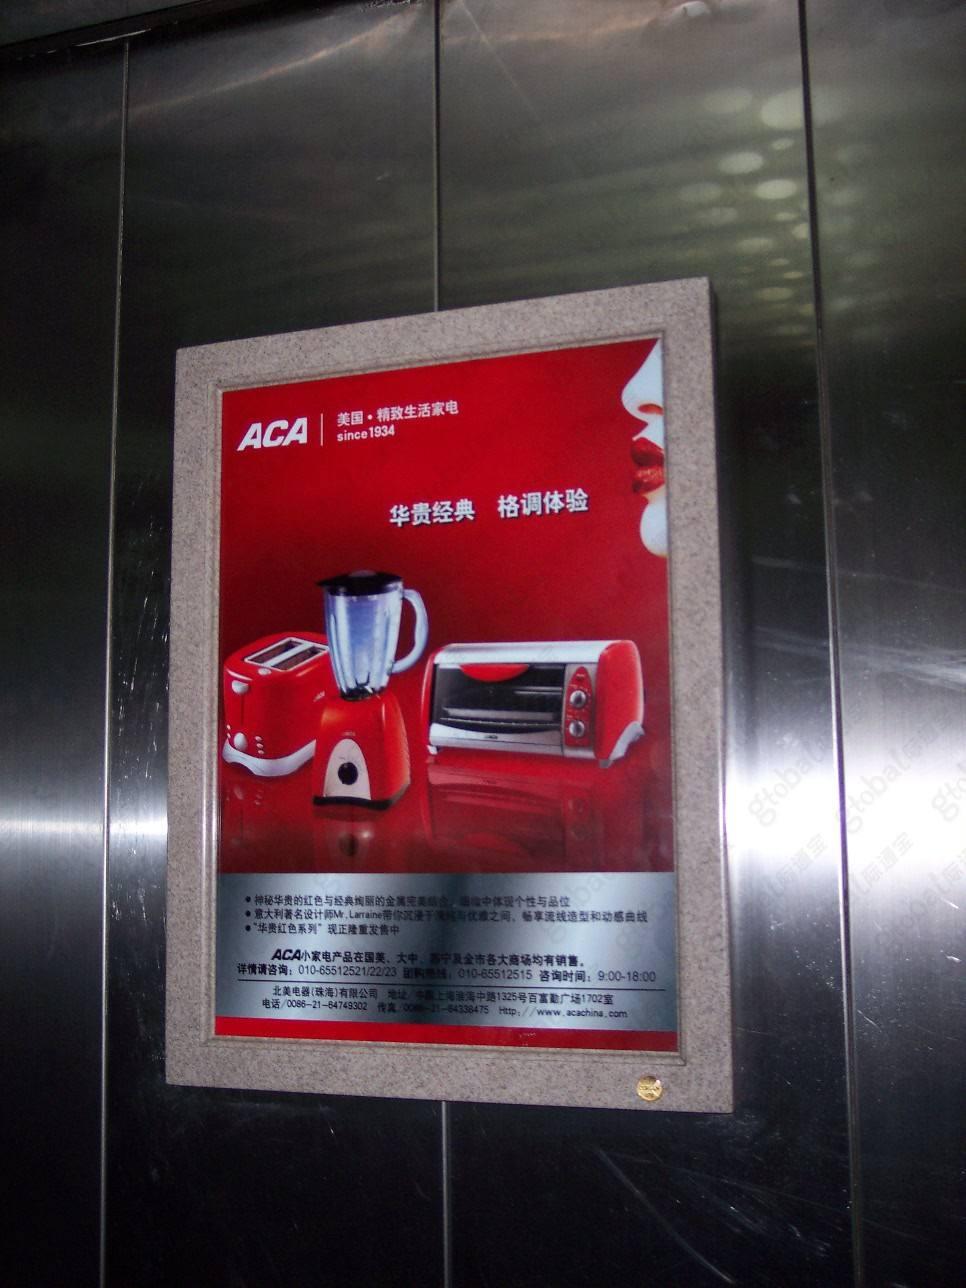 哈尔滨高端小区电梯广告-分众资源低至2折